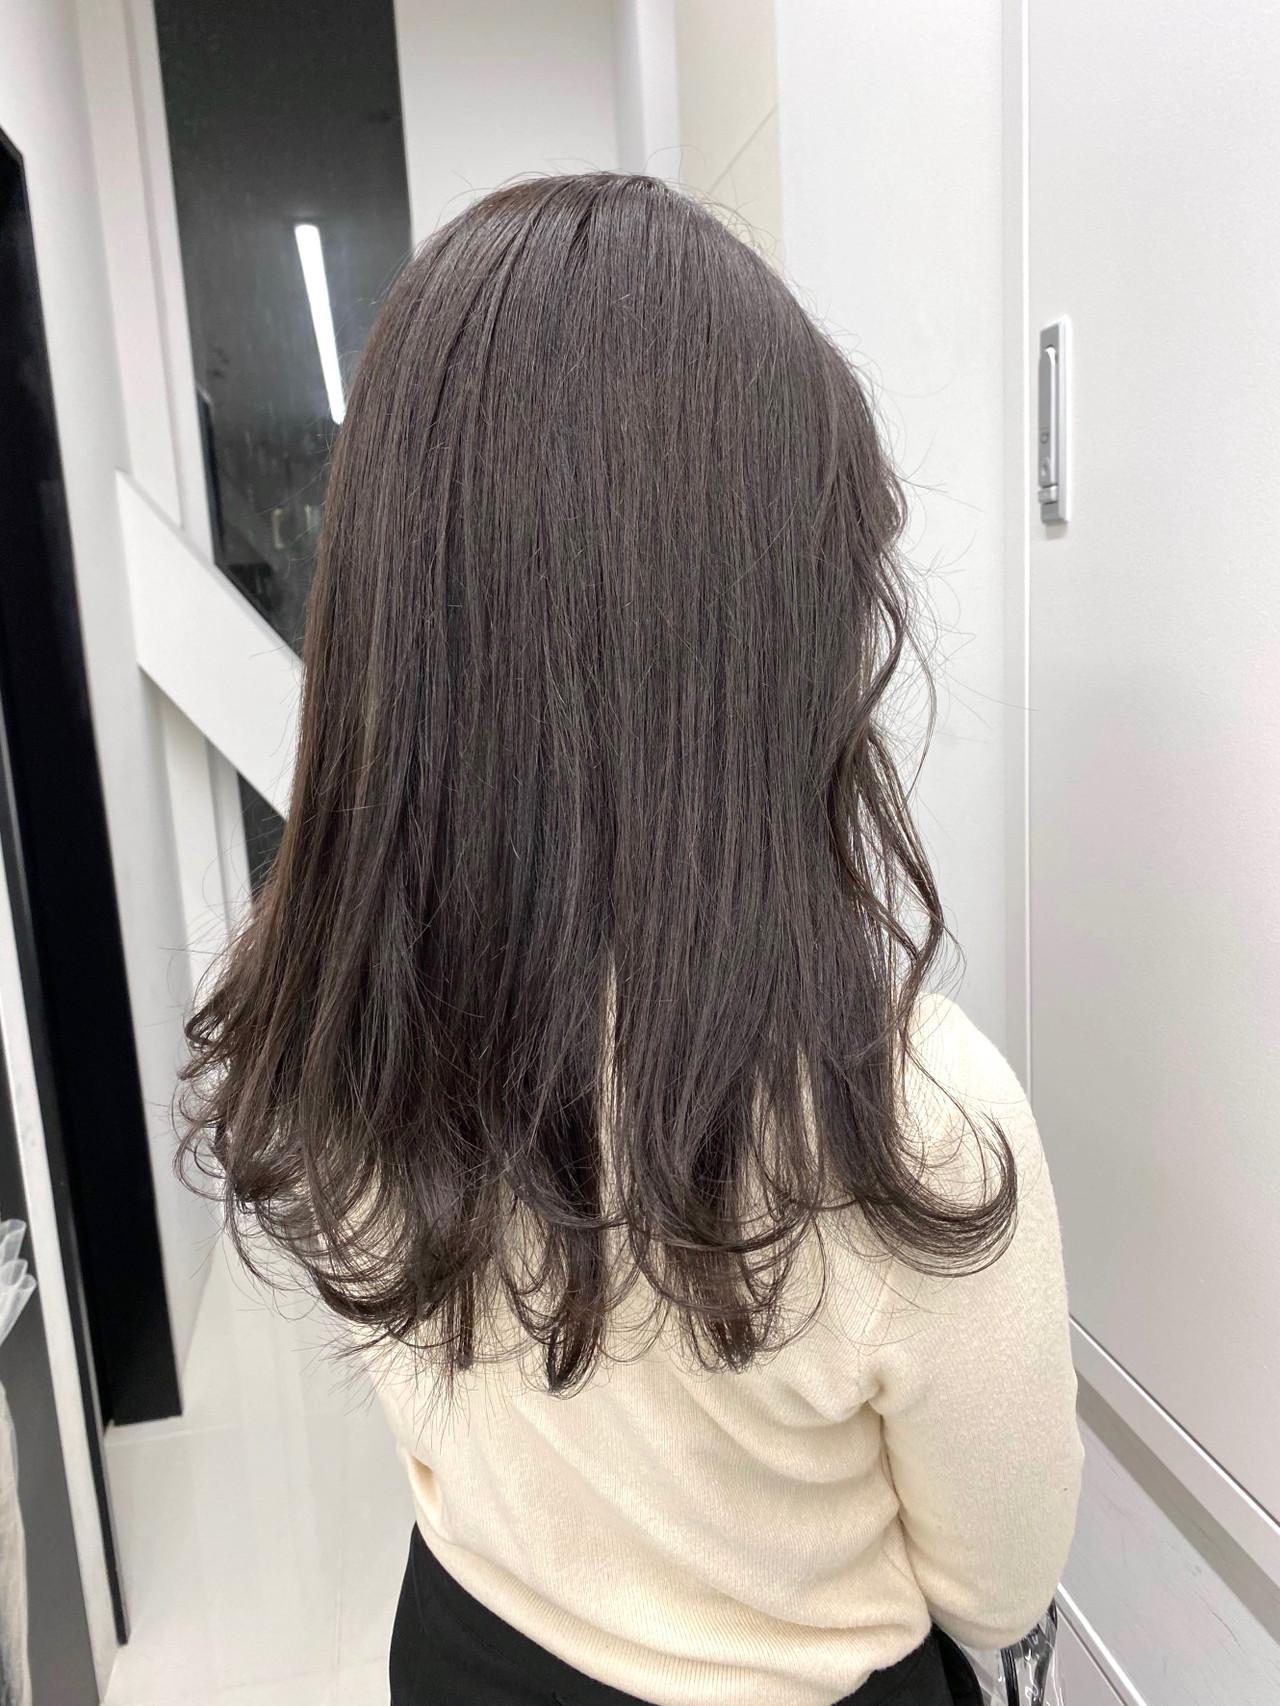 アッシュグレー ナチュラル アッシュグレージュ ロング ヘアスタイルや髪型の写真・画像